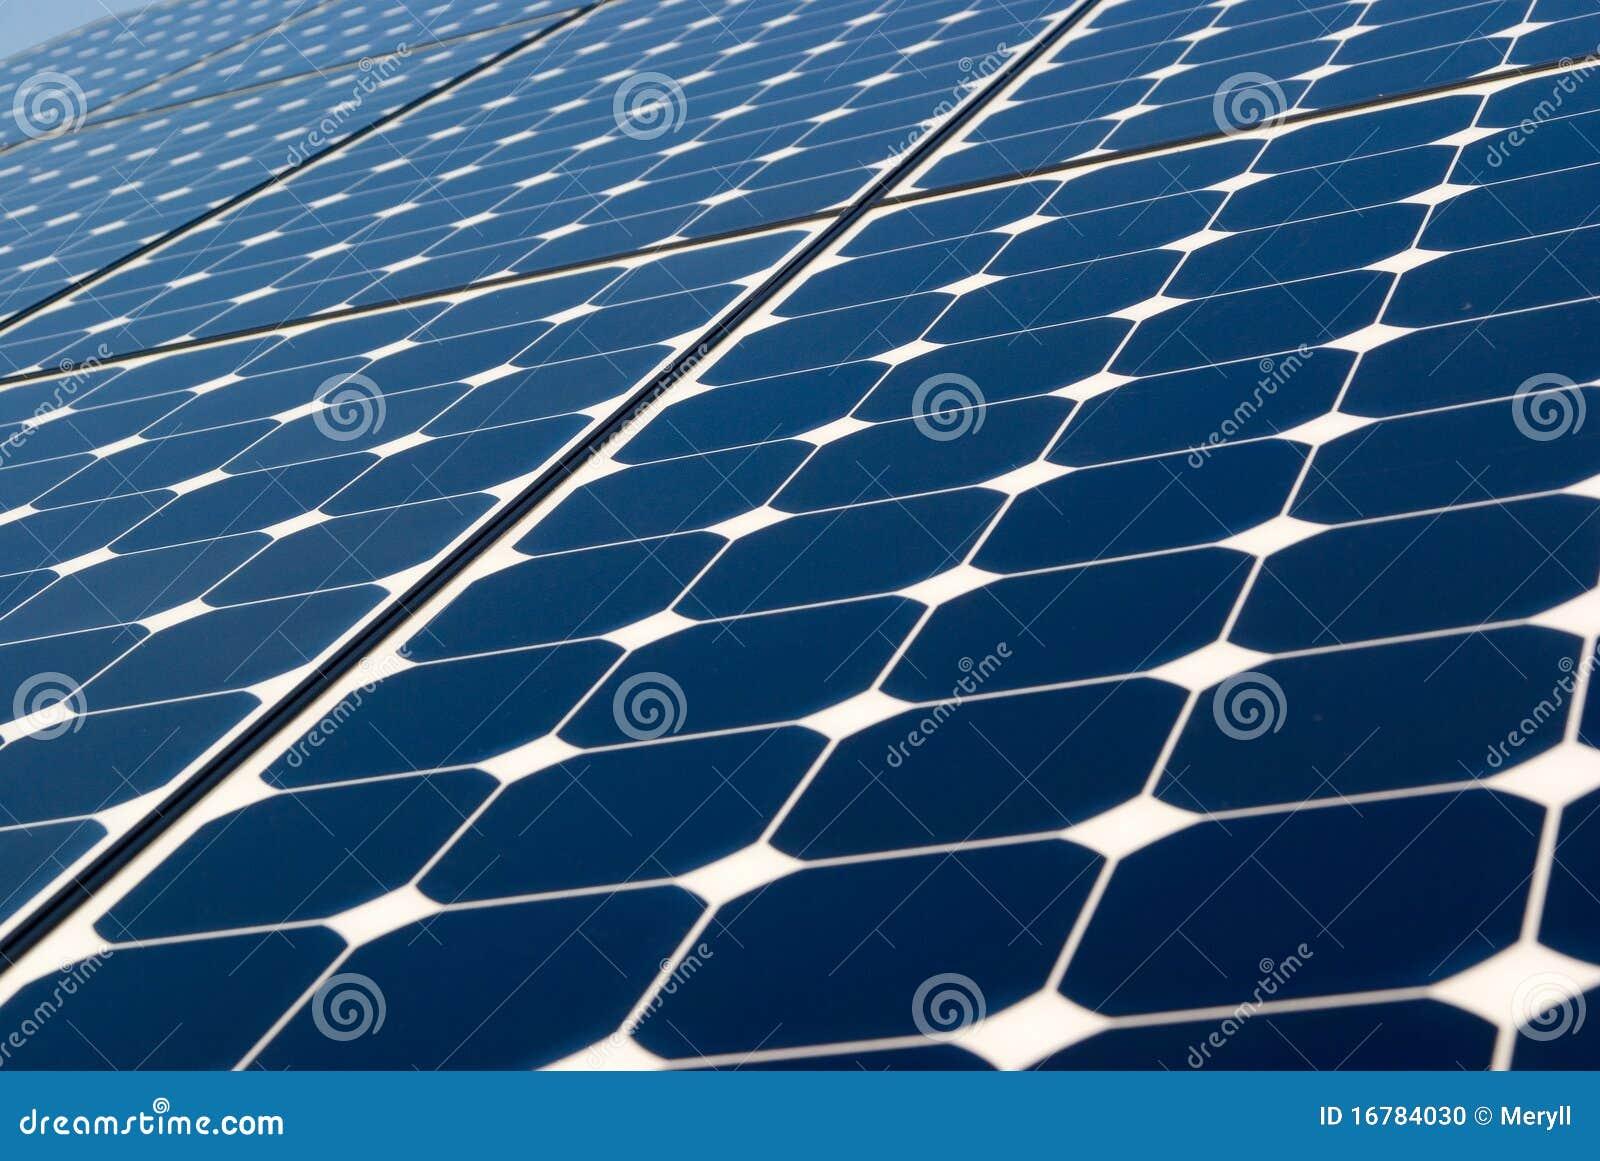 Solar Panel Background Stock Photo Image 16784030